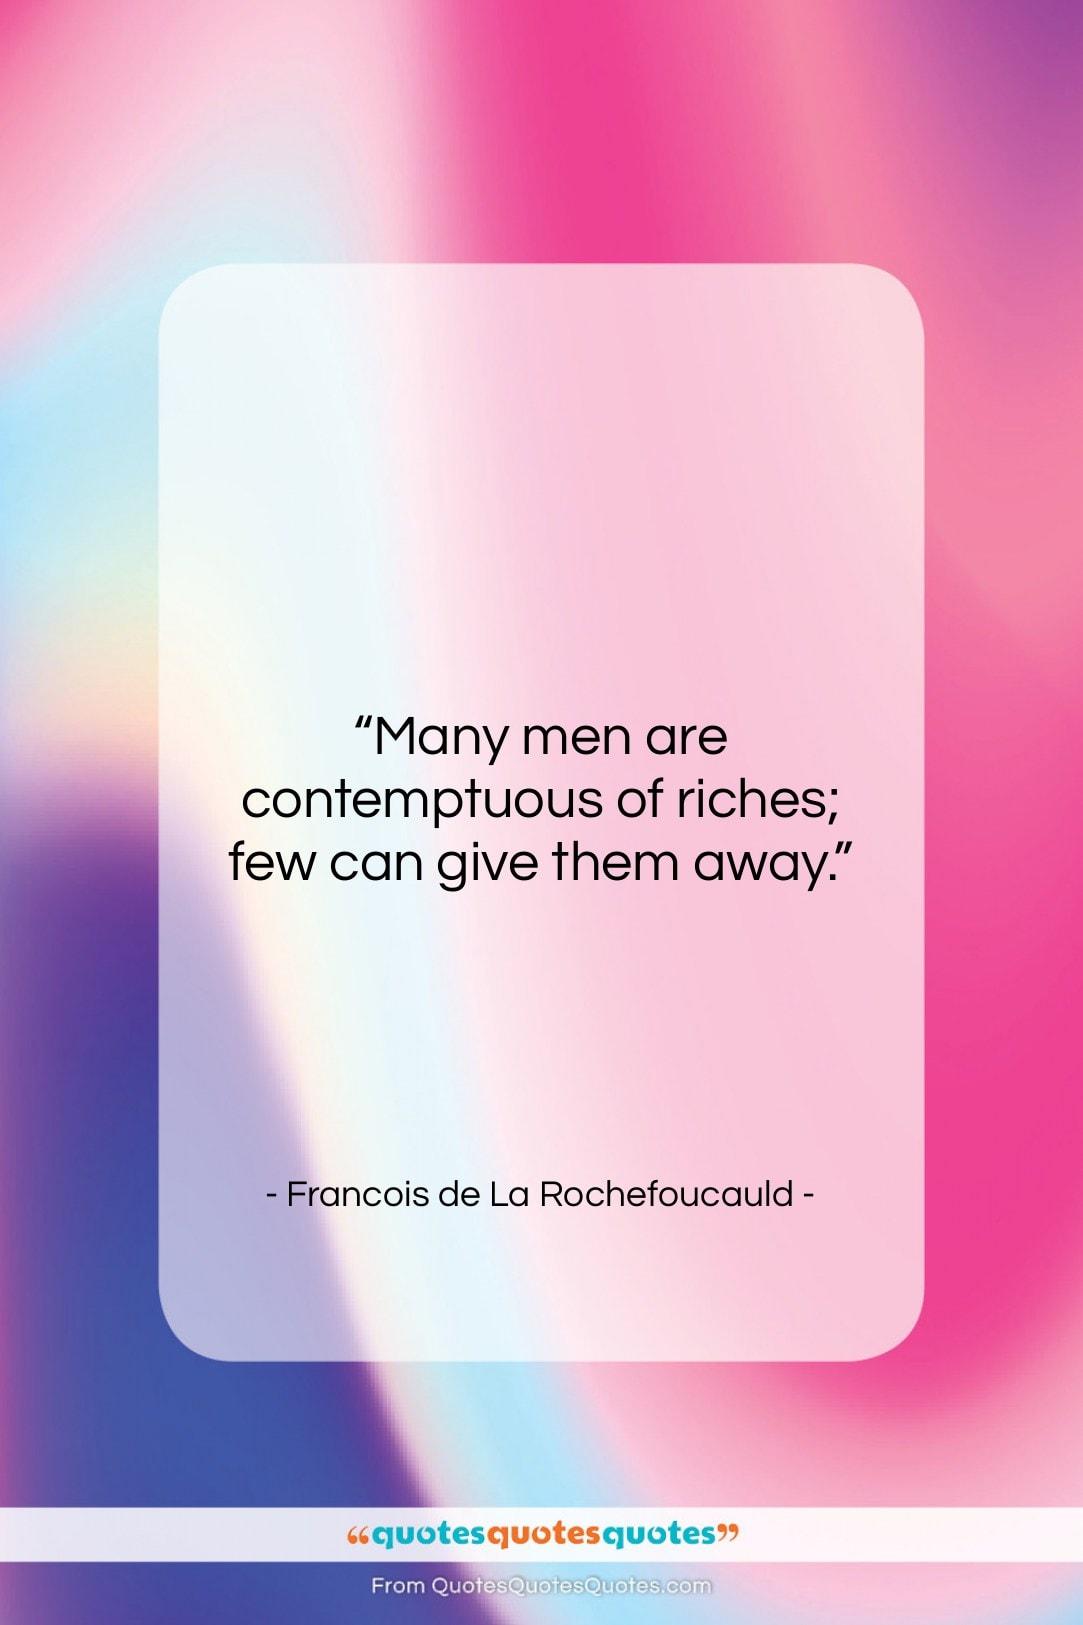 """Francois de La Rochefoucauld quote: """"Many men are contemptuous of riches; few…""""- at QuotesQuotesQuotes.com"""